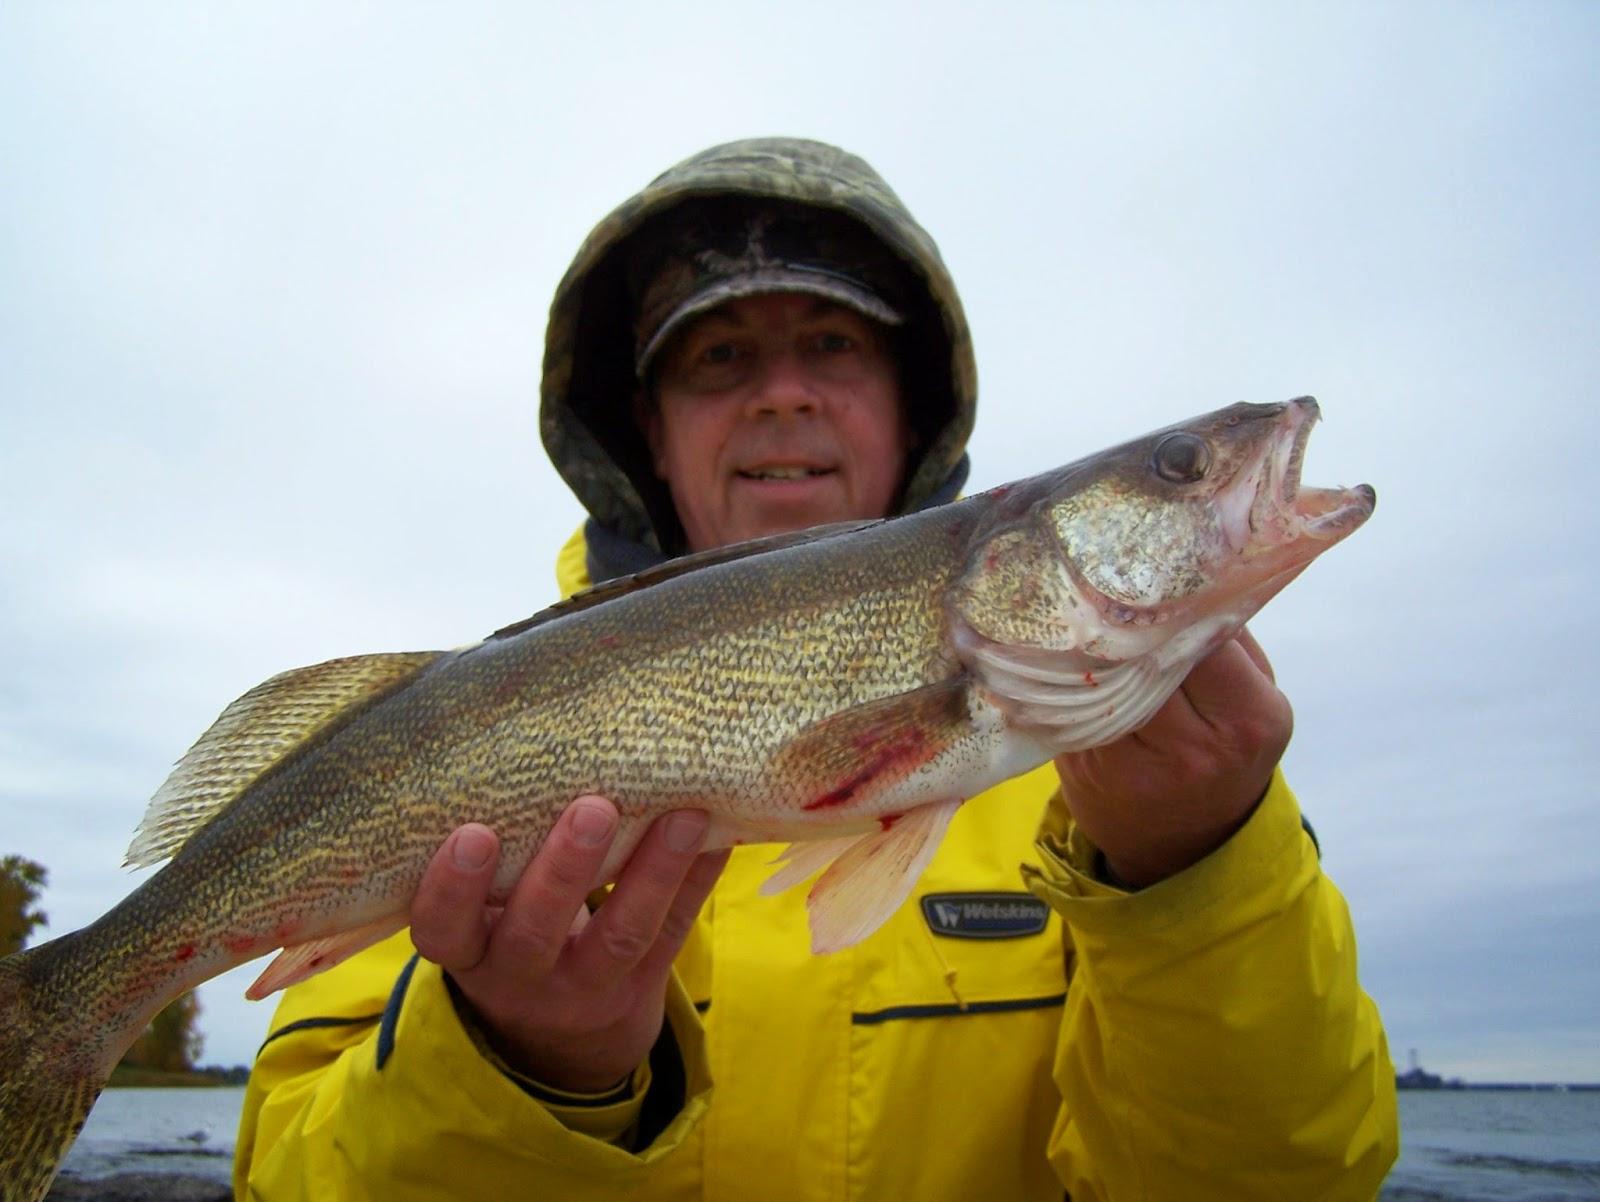 Pêche au Québec, pêche doré, pêche Lac Saint-Pierre, Parlons pêche, pêche fleuve Saint-Laurent